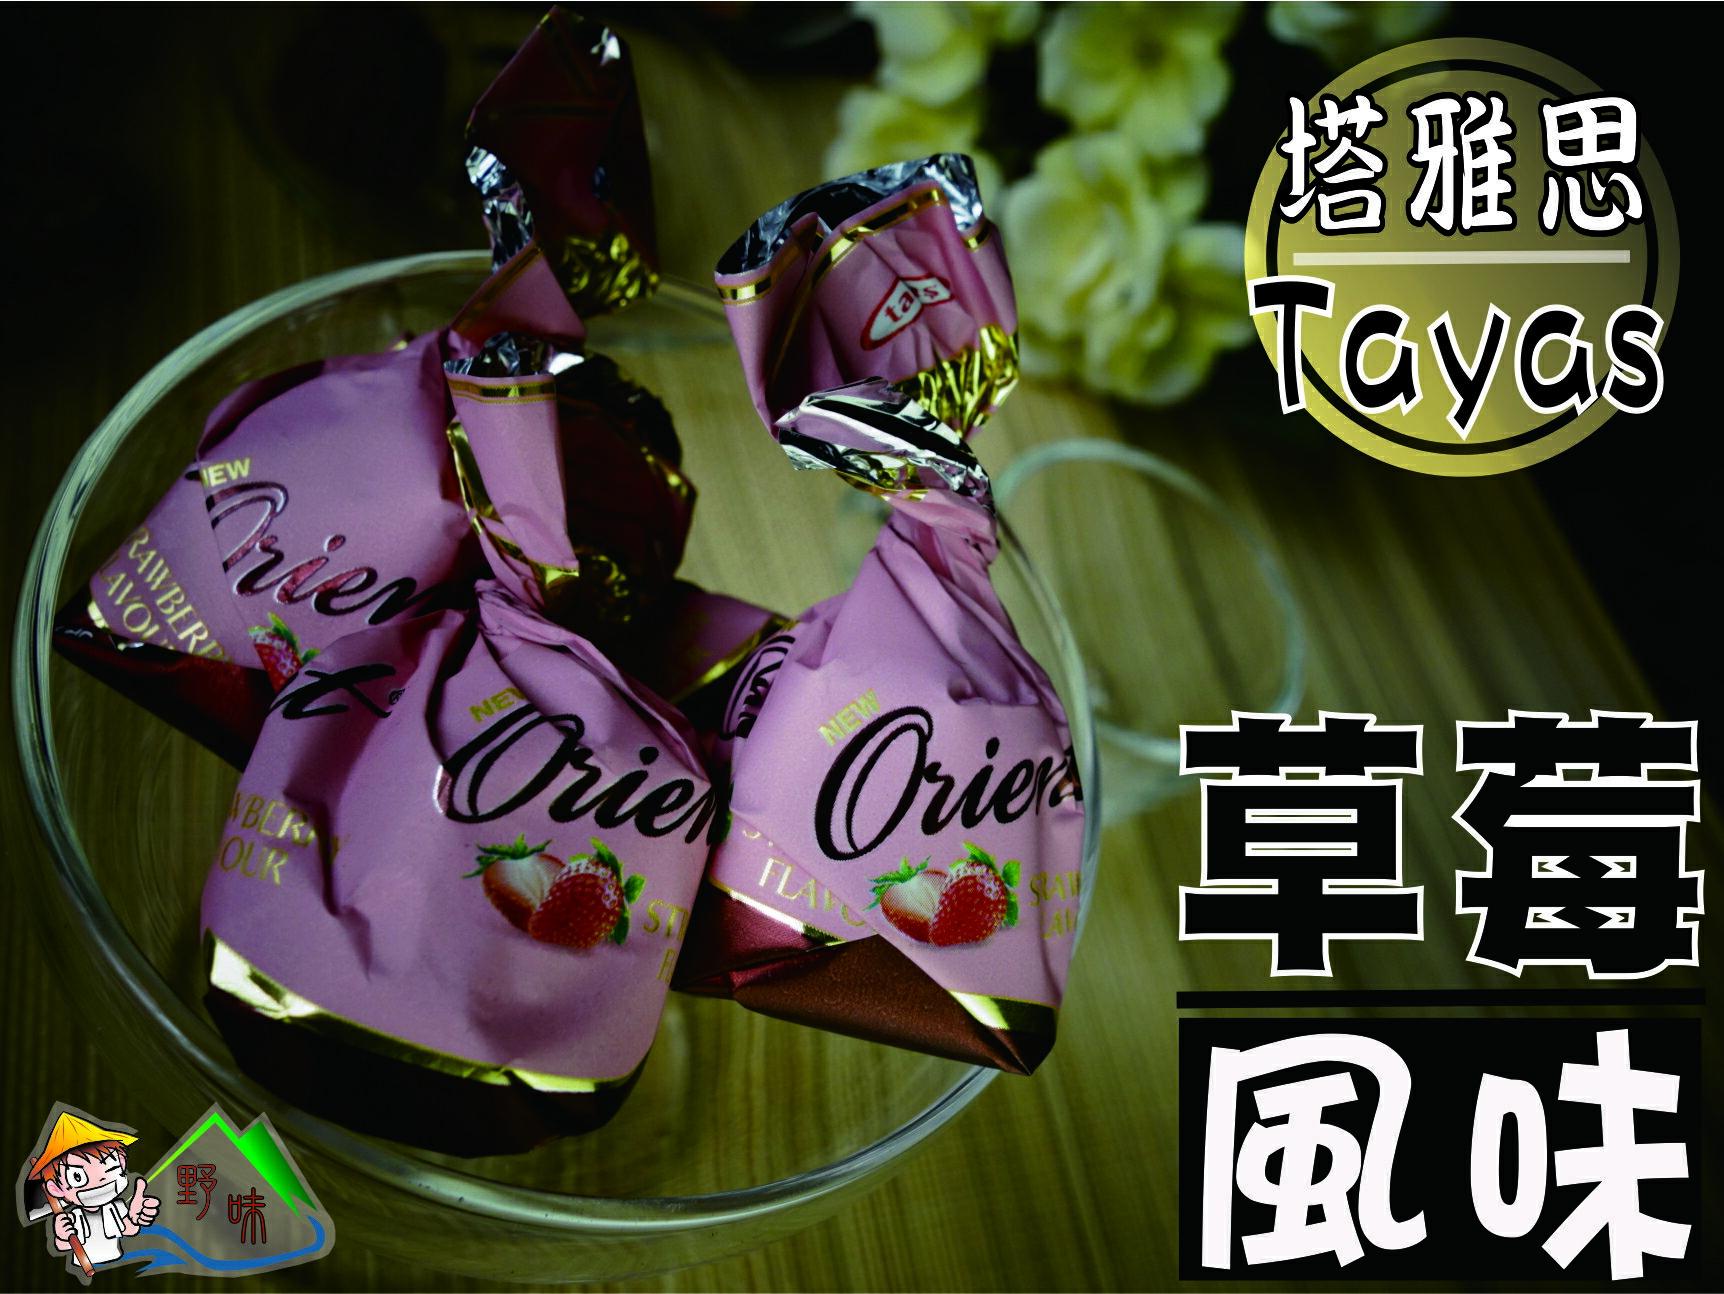 【野味食品】tayas 塔雅思 東方巧克力(草莓風味)(奶素)(210g 包 450g 包 850g 罐 1000g 盒)